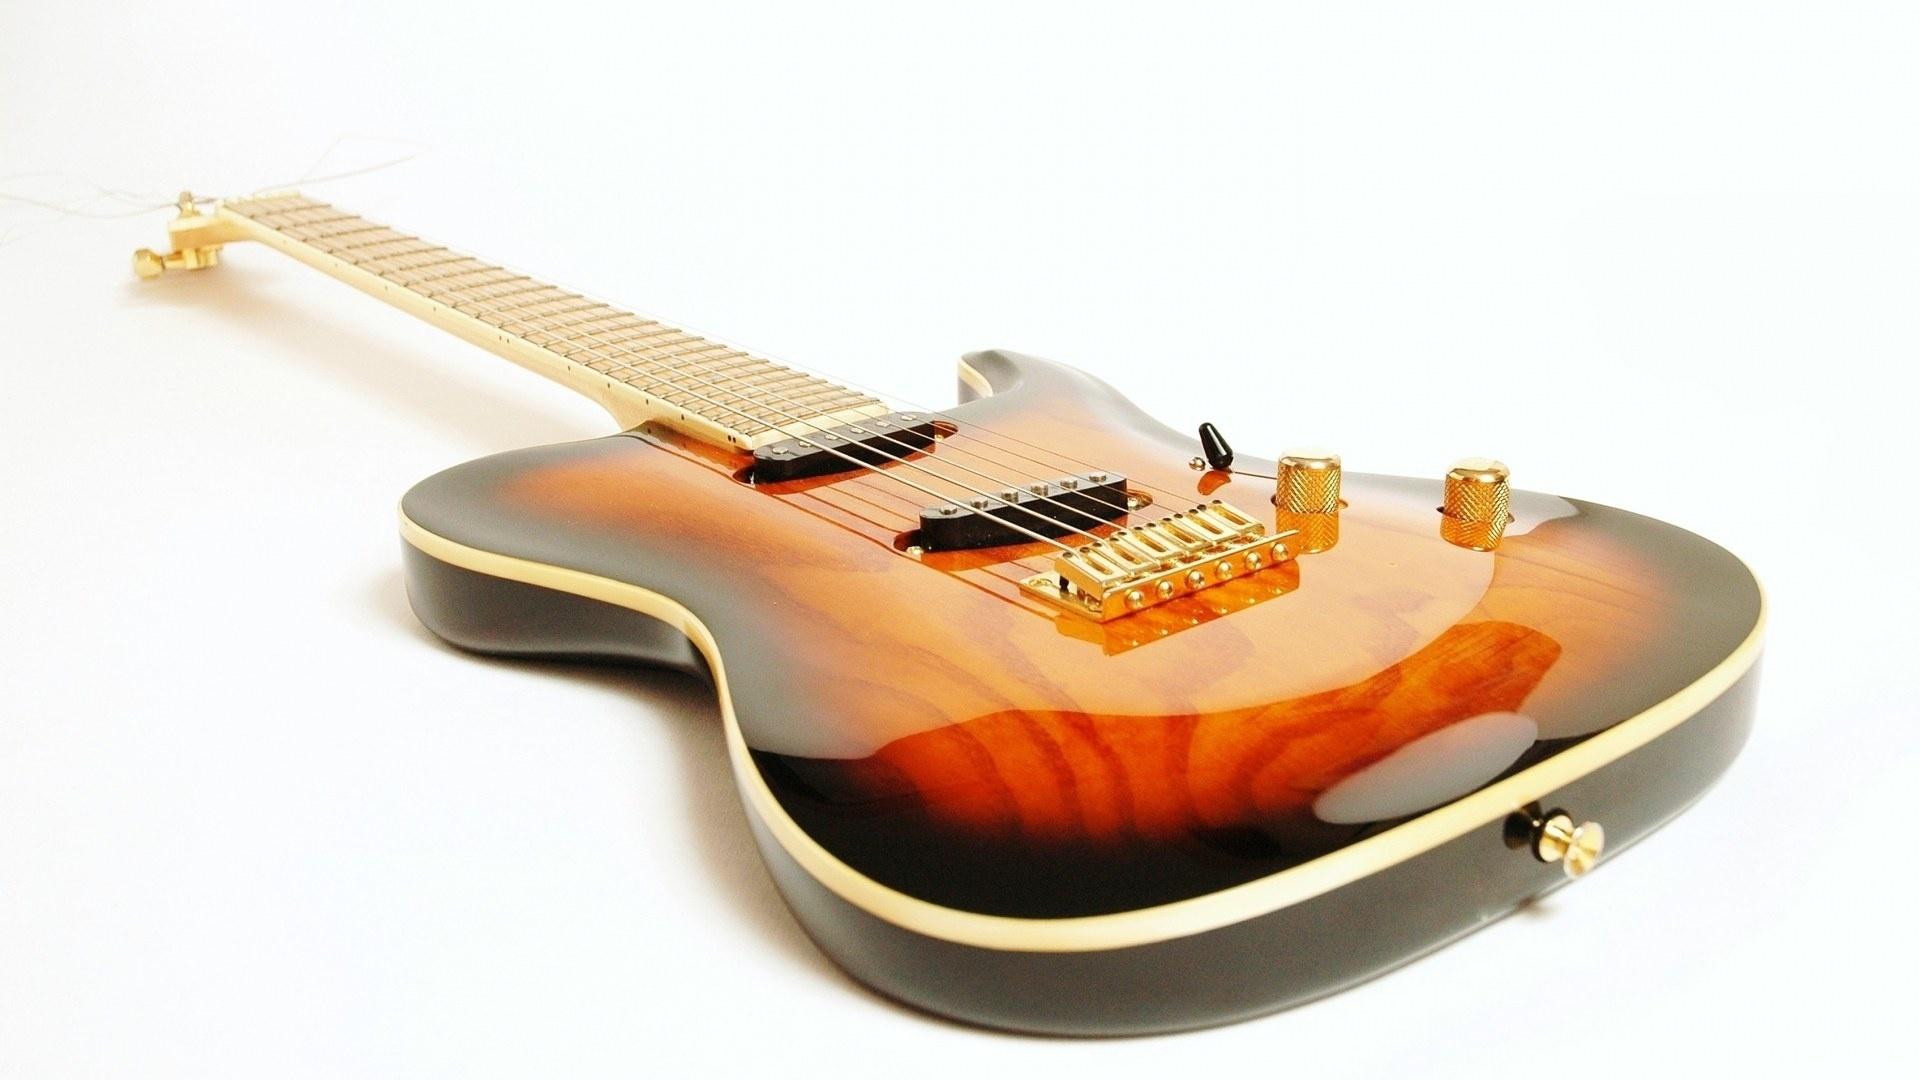 Hd wallpaper guitar - Electric Guitar Wallpapers For Desktop 3336 Hd Wallpapers In Music